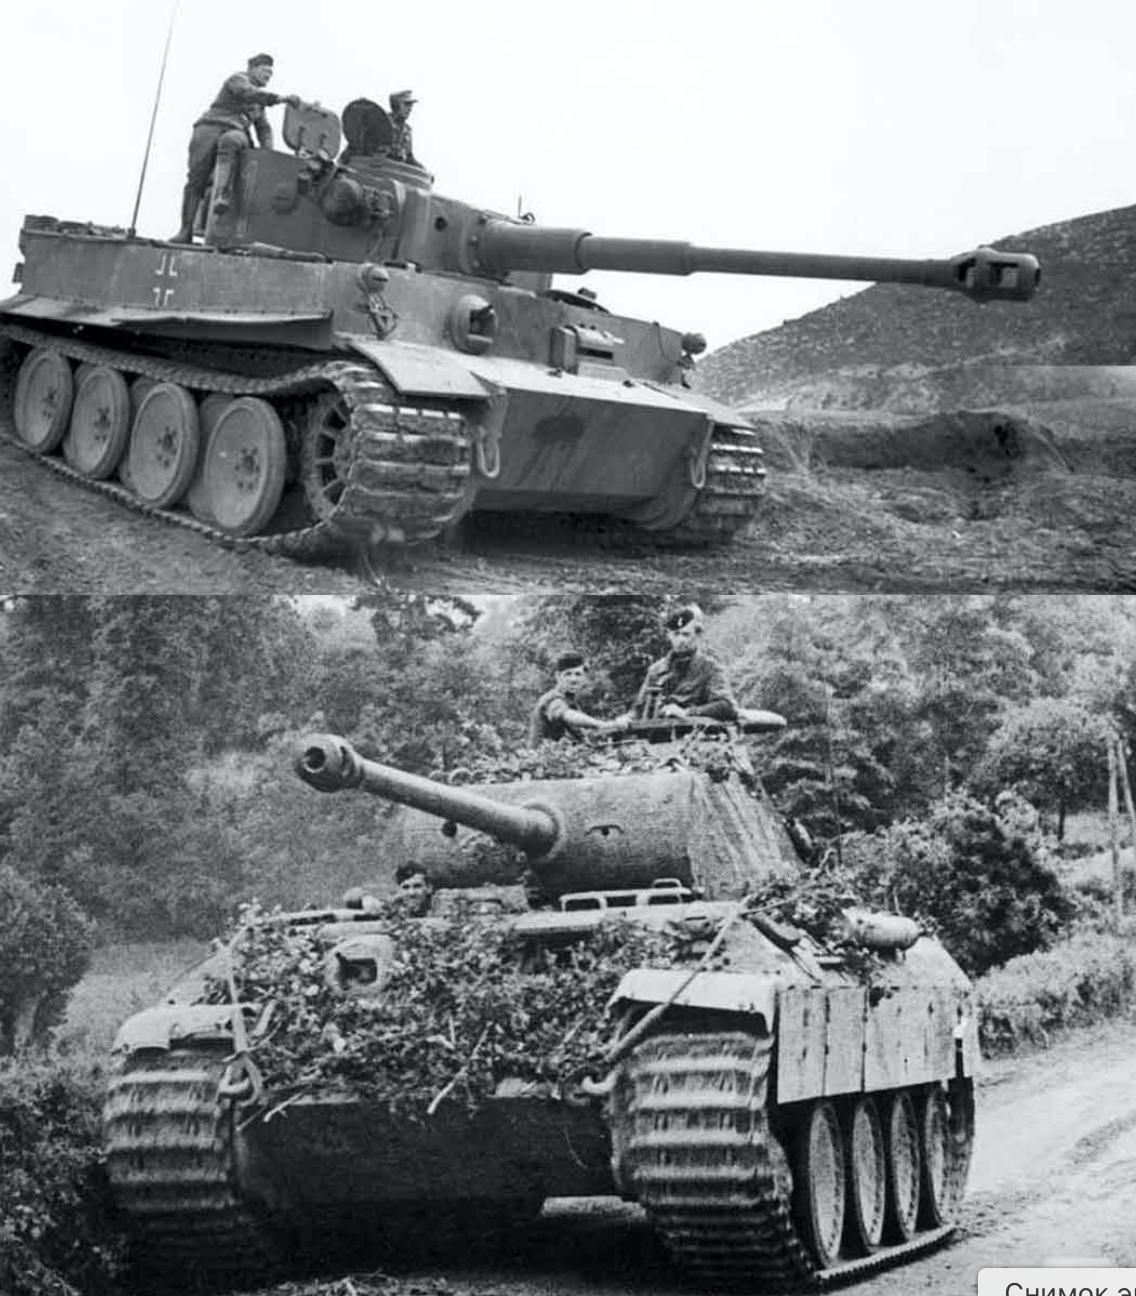 """Немачки тешки тенк Panzerkampfwagen VI Ausf. E """"Тигар"""" и средњи тенк Panzerkampfwagen V """"Пантер"""""""